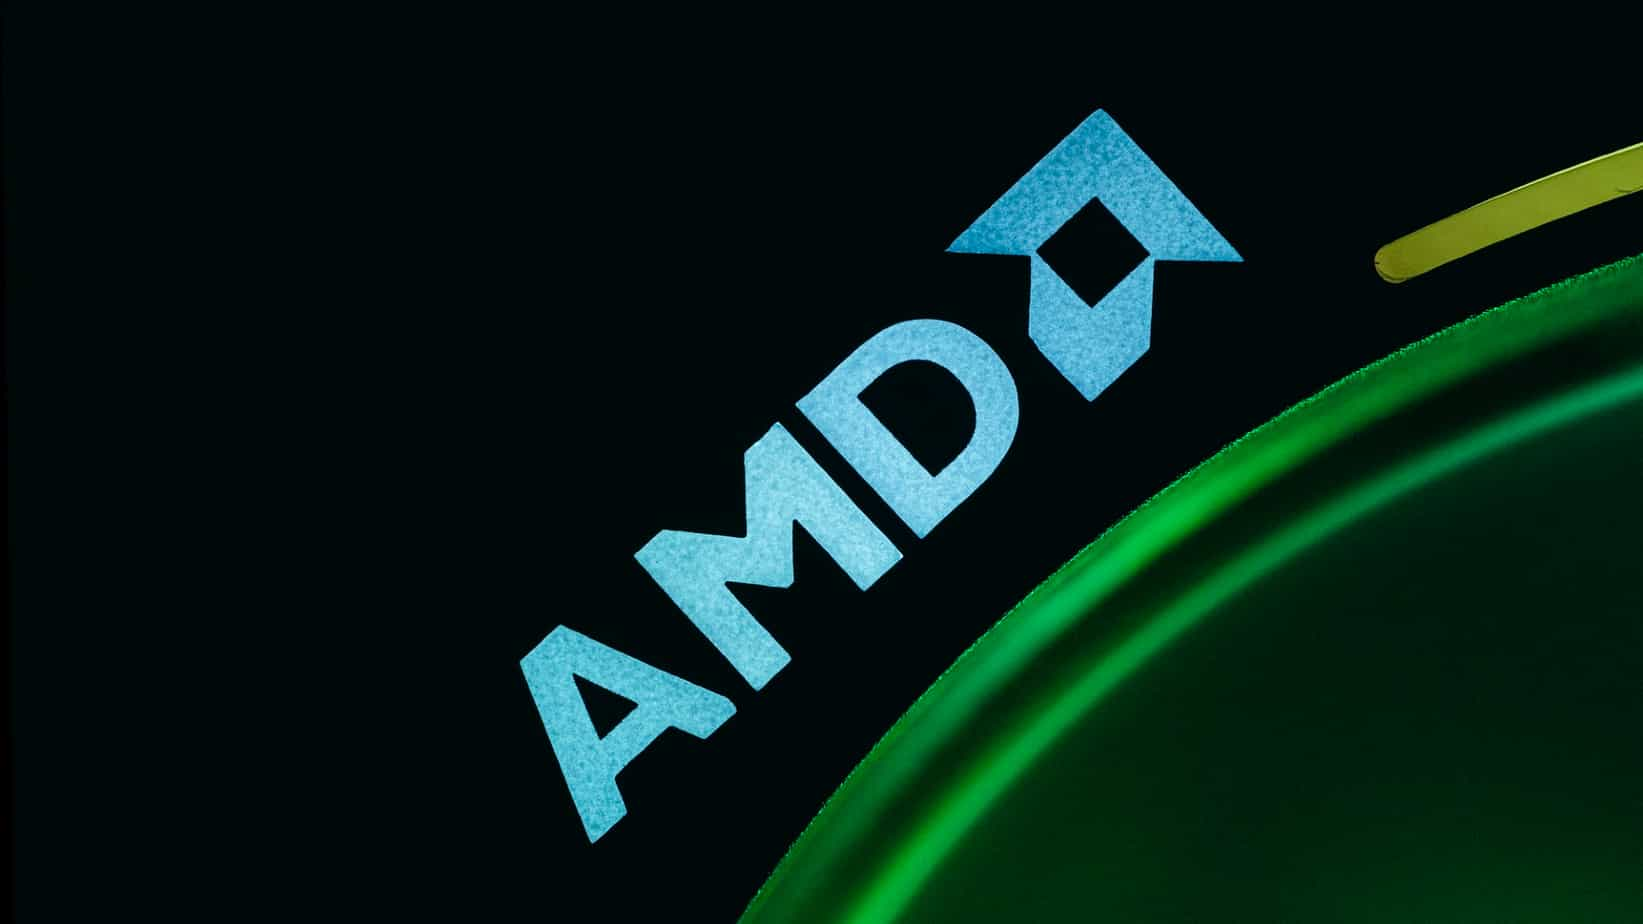 Le constructeur AMD s'apprête à réaliser ses propres puces ARM.